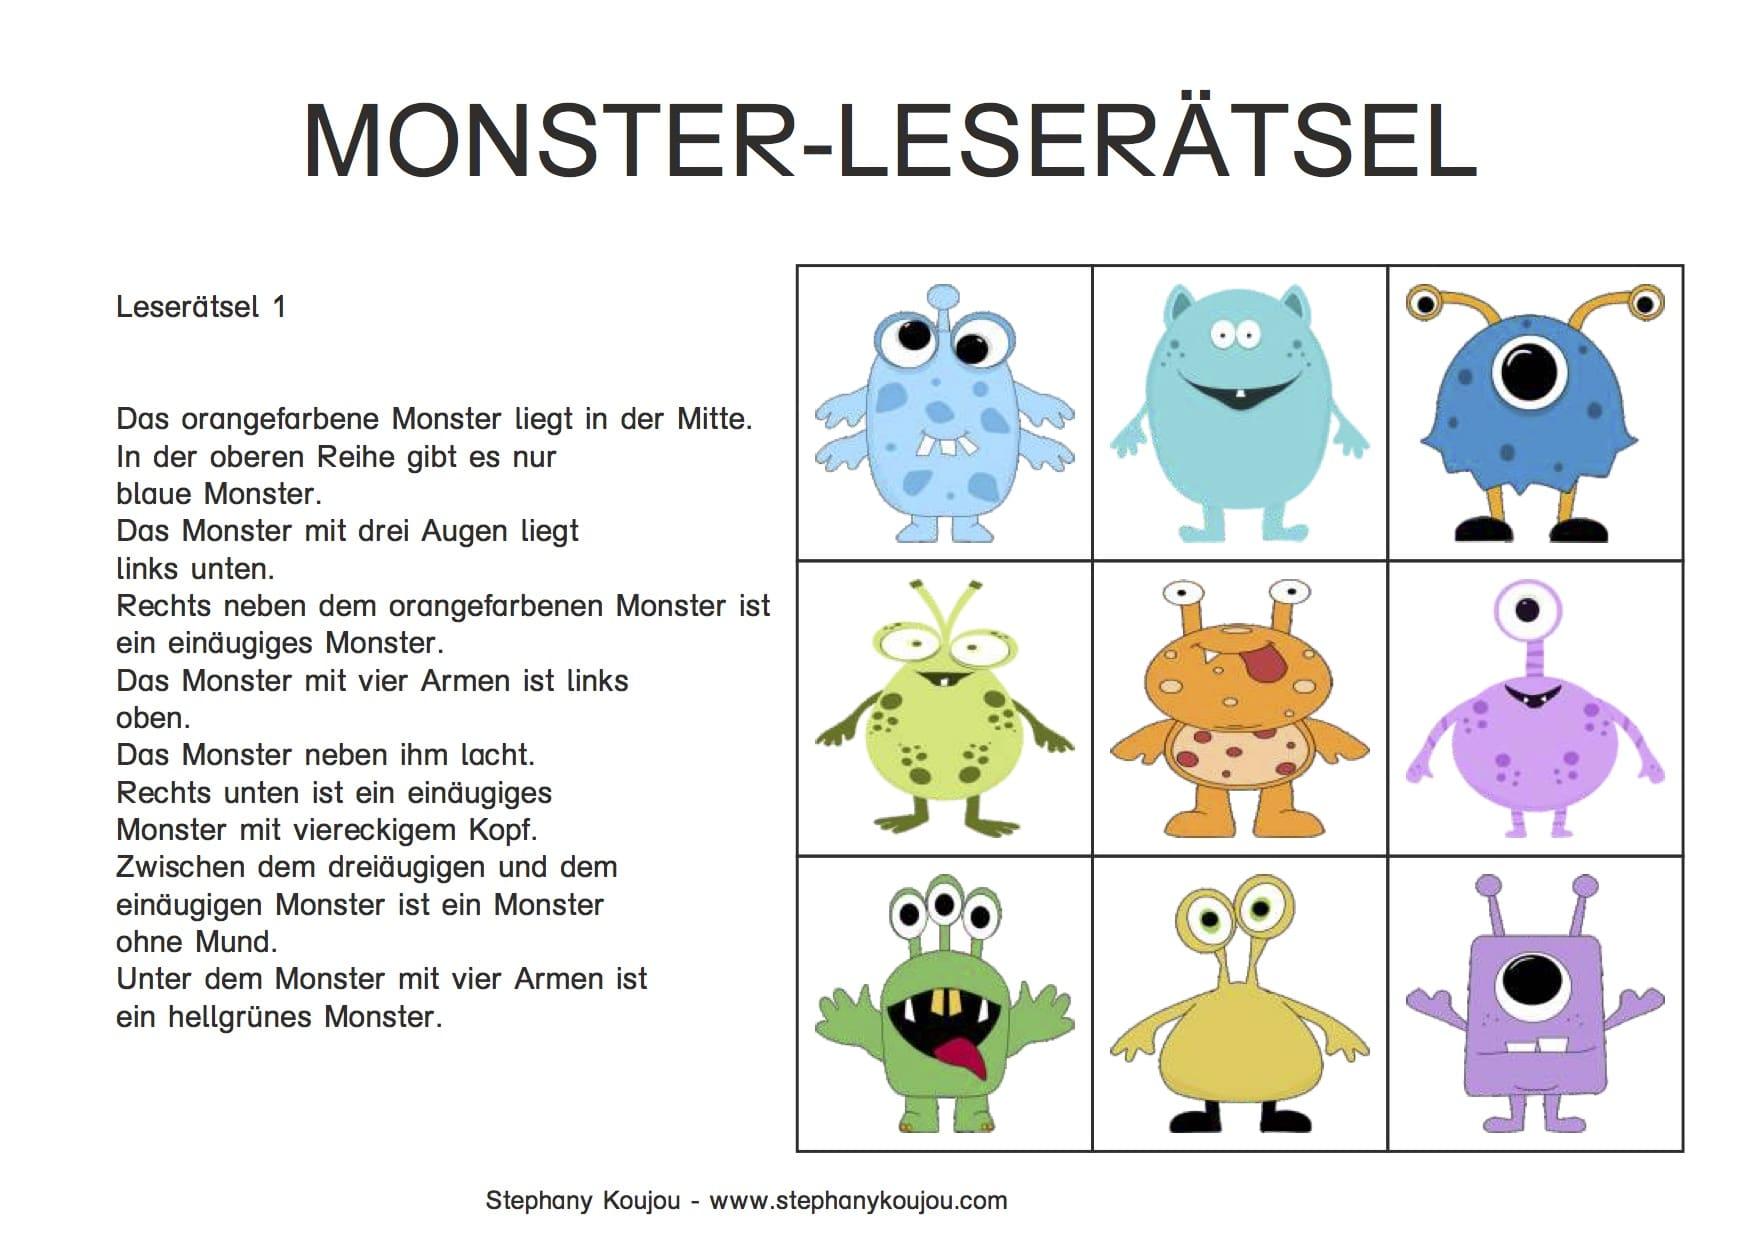 Ausgezeichnet Monster Mathe Arbeitsblatt Ideen - Mathe Arbeitsblatt ...